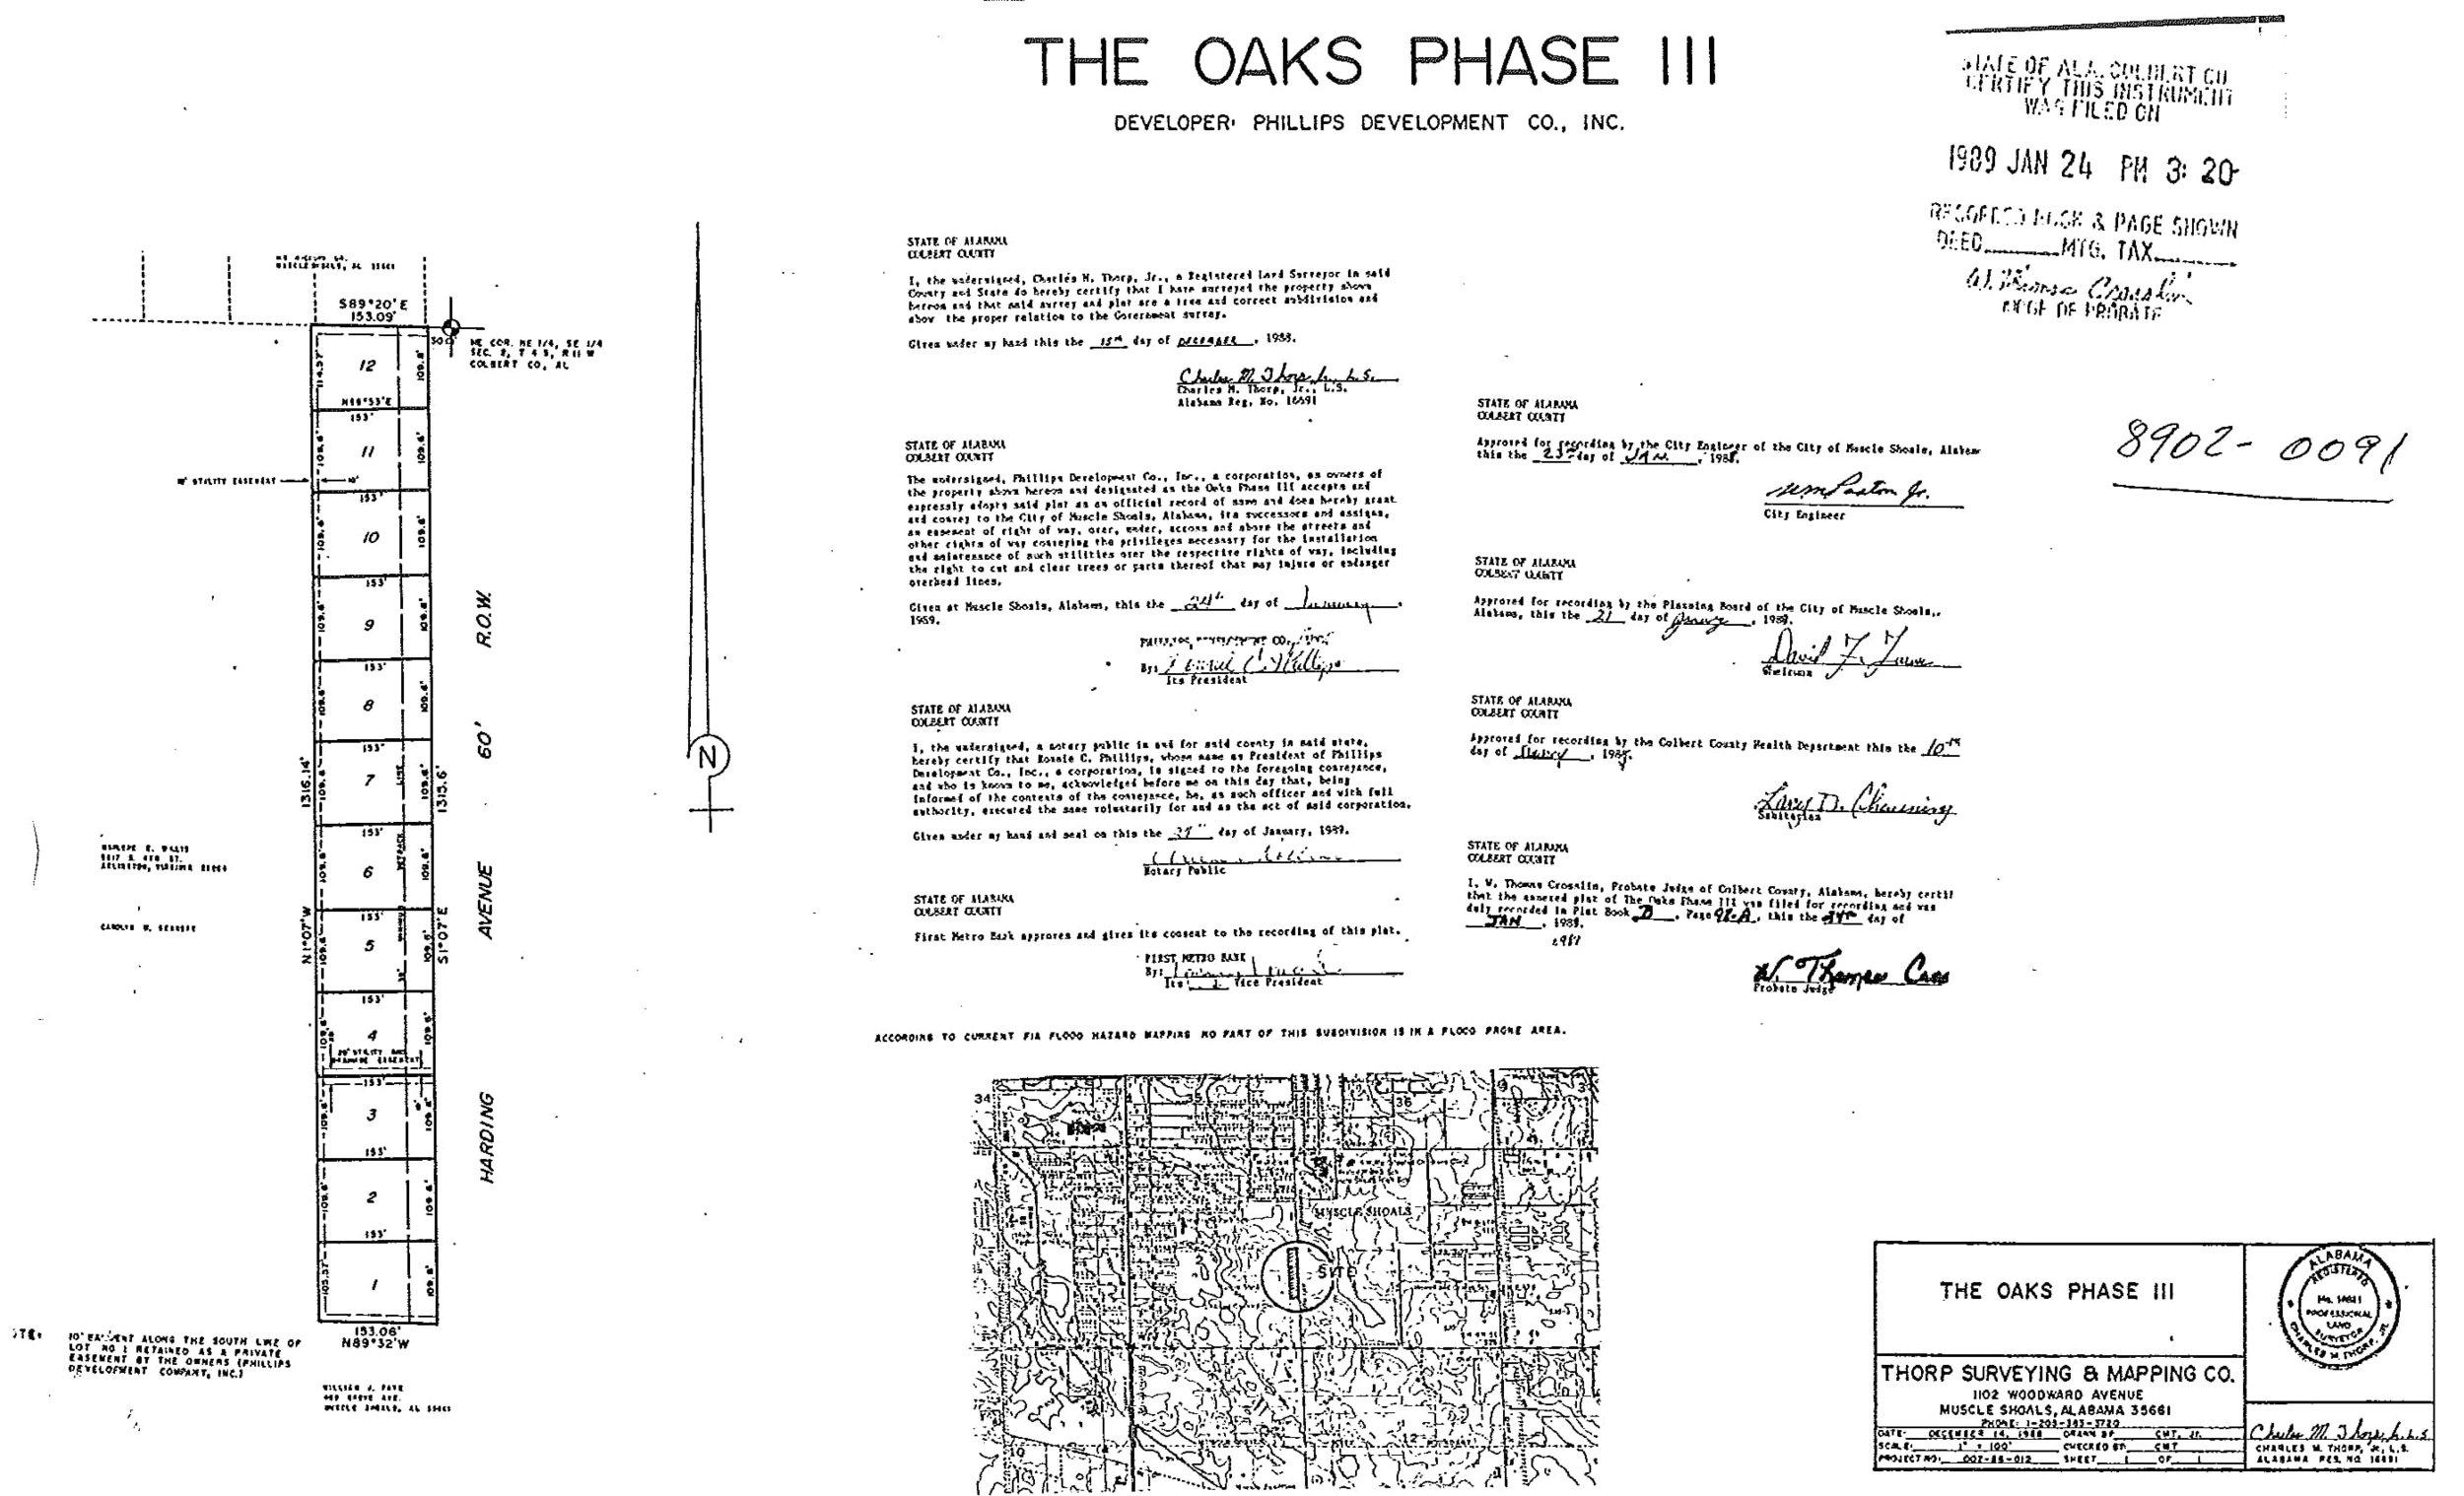 Plat-Oaks-Phase-III-The (1)-1.jpg